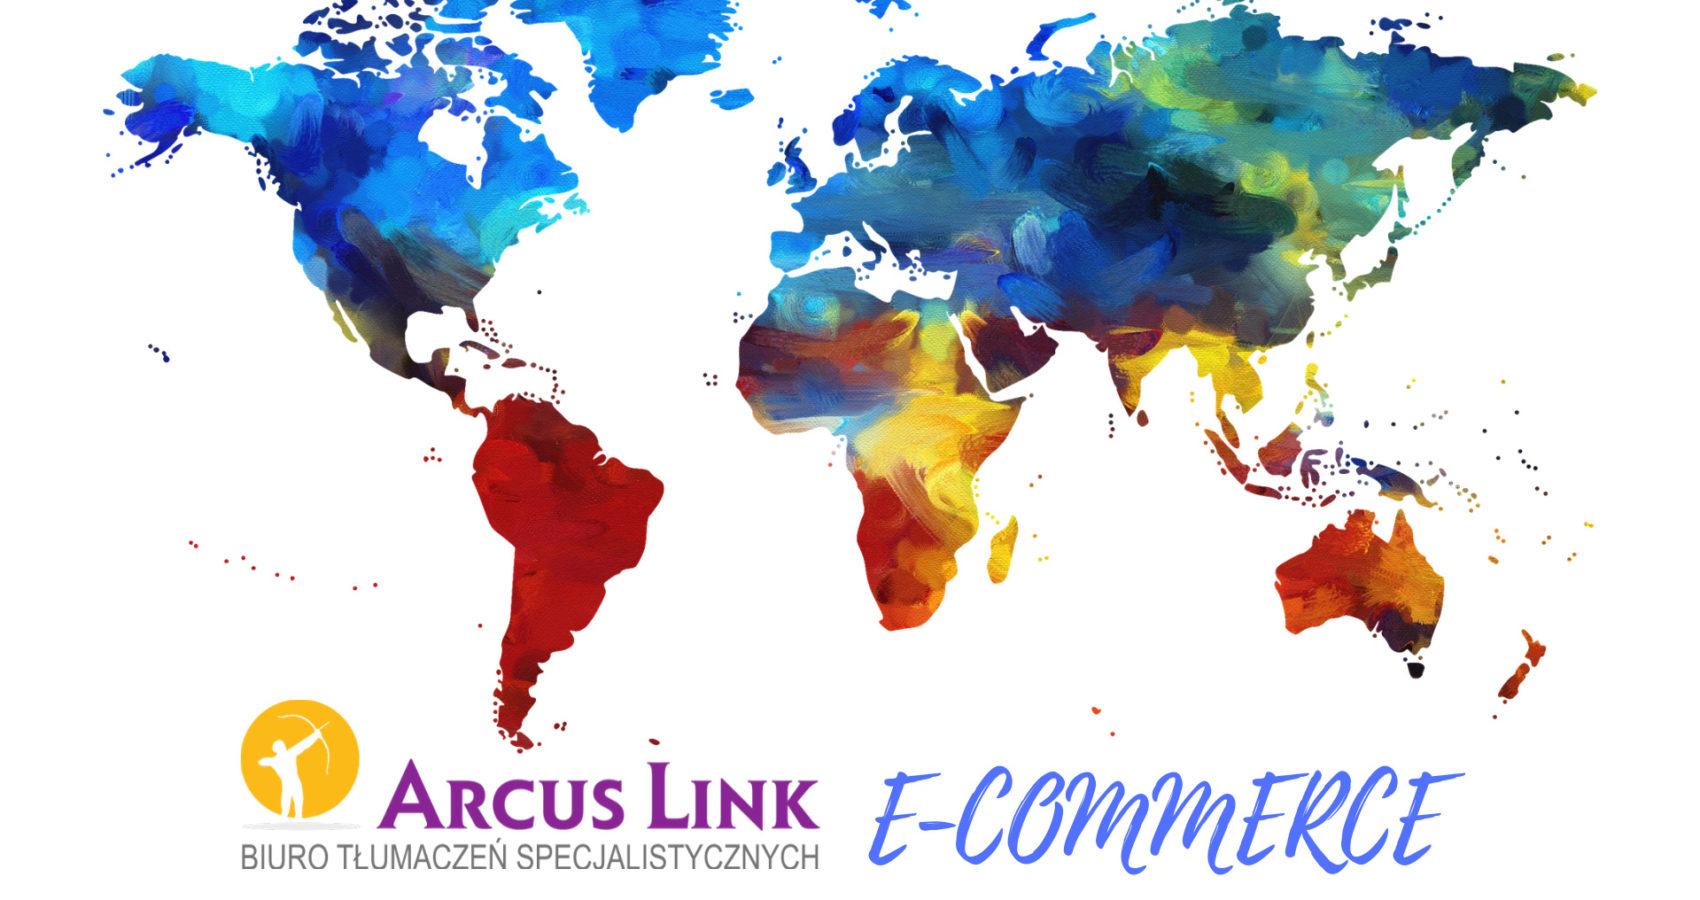 Pakiet usług tłumaczeniowych dla e-commerce, który wesprze rozwój firmy na rynkach zagranicznych